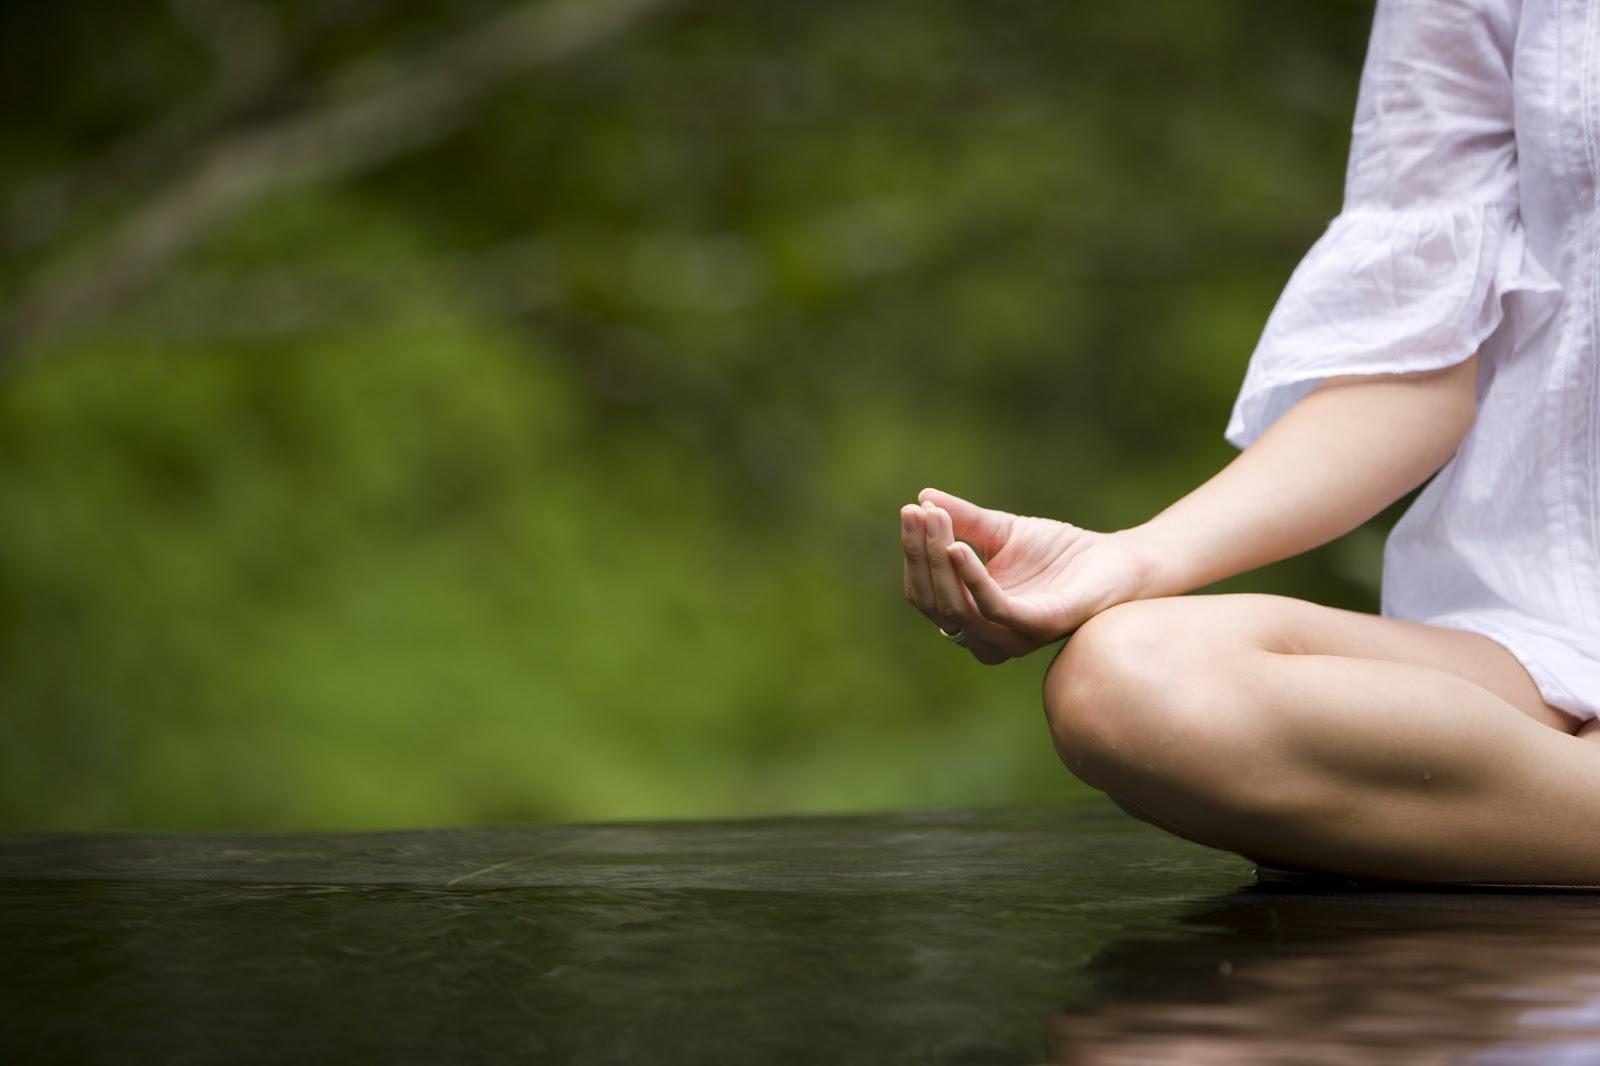 Διαλογισμός Mindfulness: Τα οφέλη του στη σωματική υγεία και ευημερία [vid]